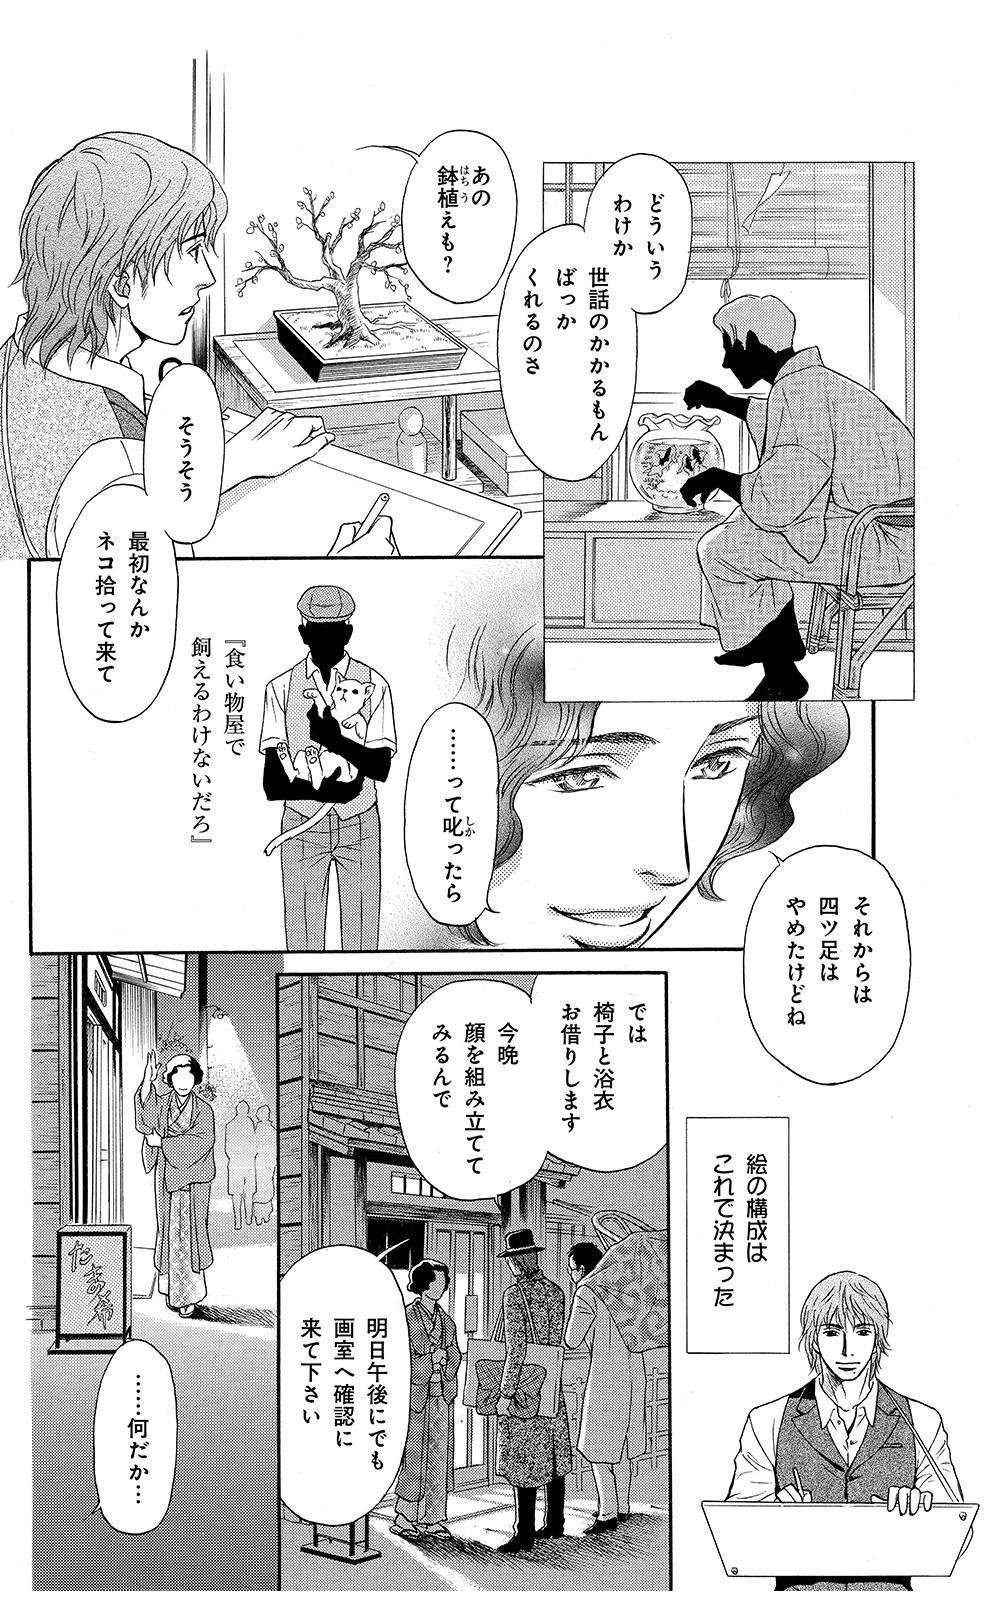 鵼の絵師 第2話「おきみやげ」①nue03-14.jpg